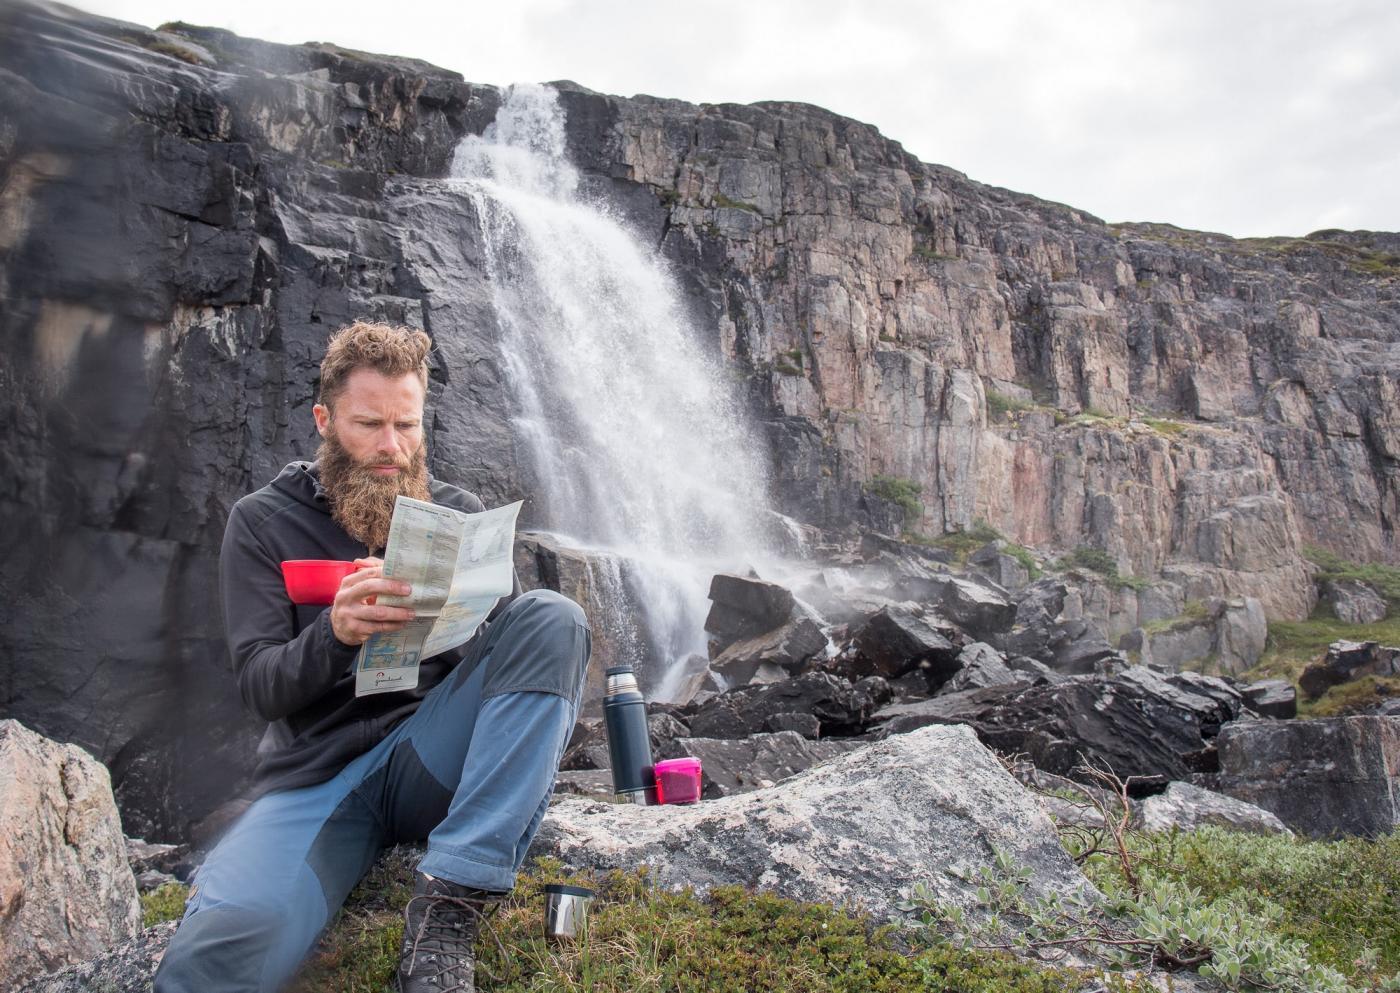 Photo by Ilulissat Adventure